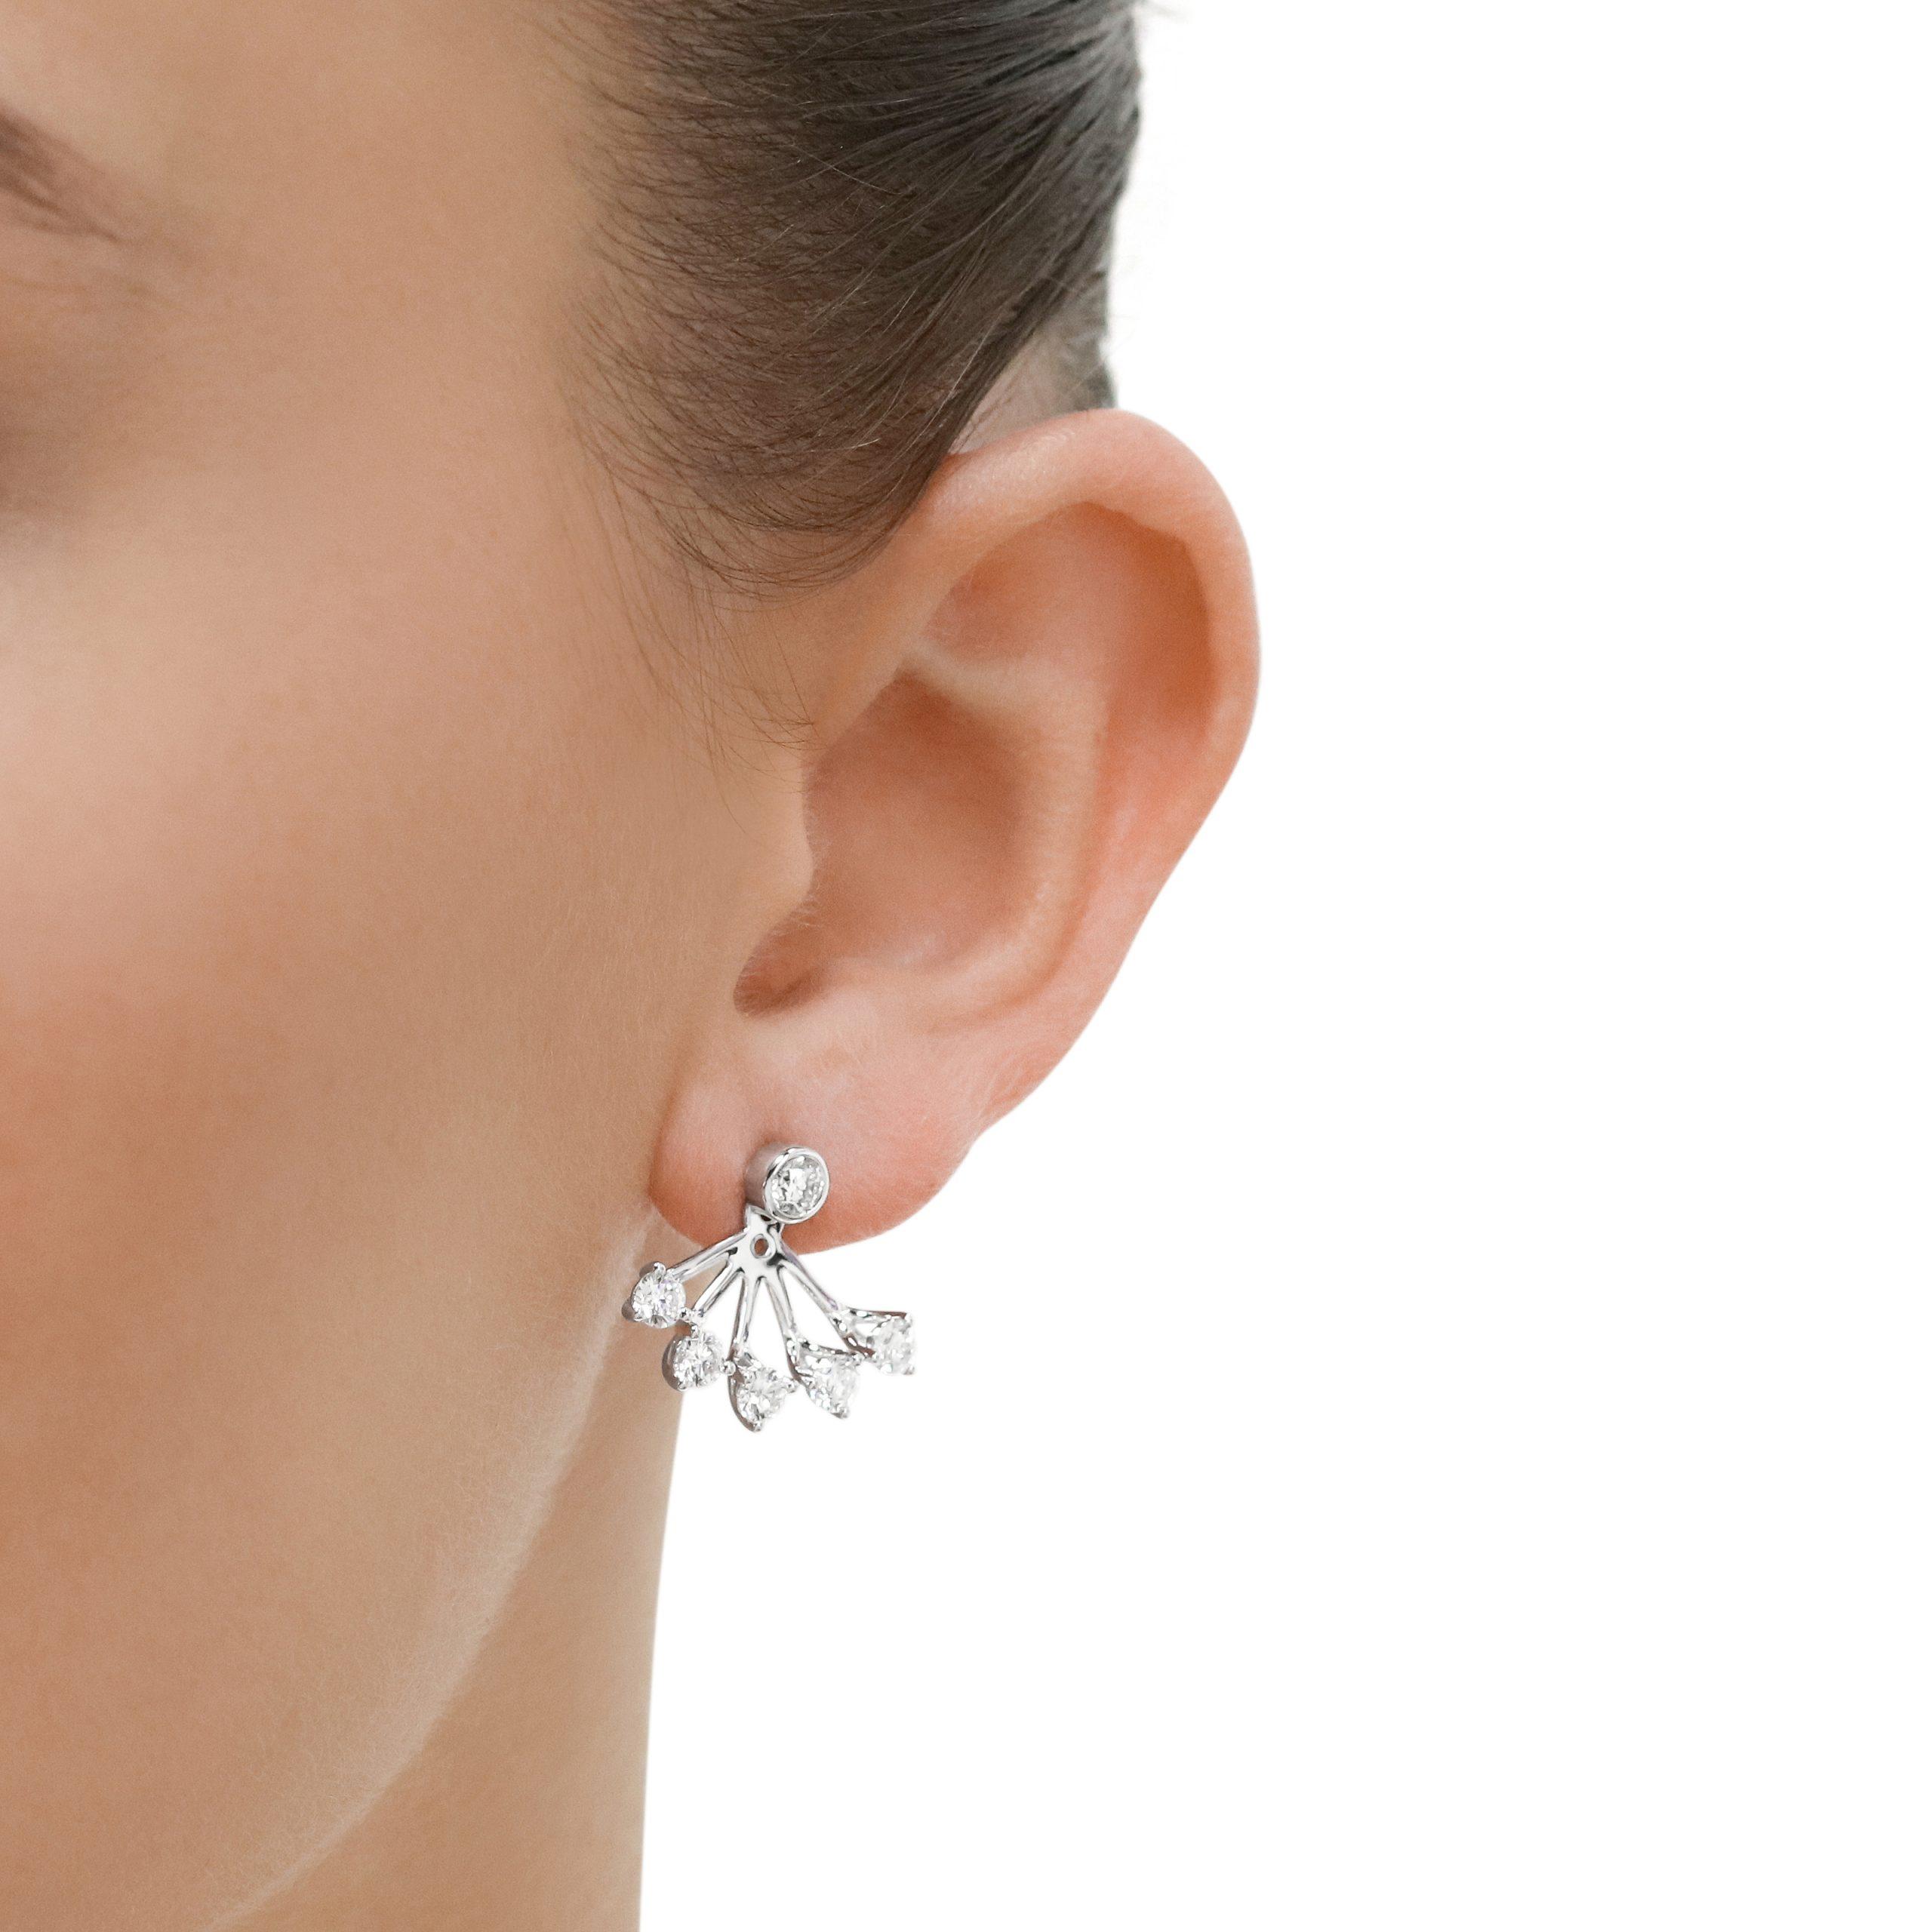 Embrace White Gold Diamond Lobe Hugger Earrings